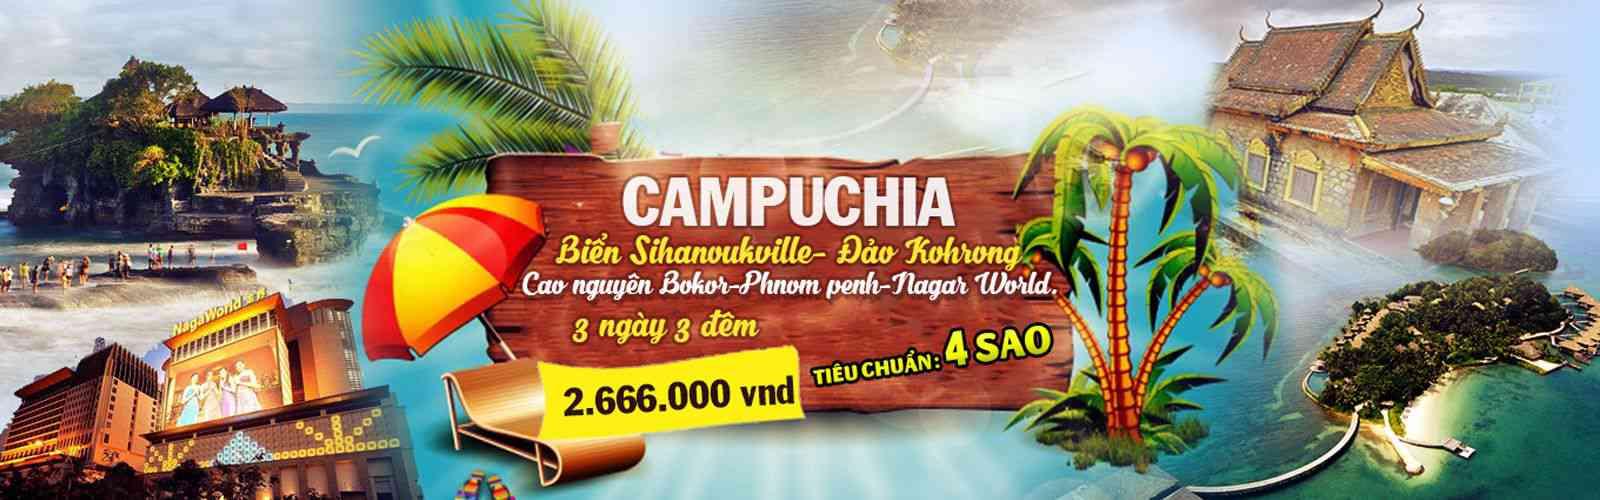 Tour Cambodia gia re 3 ngay 3 dem